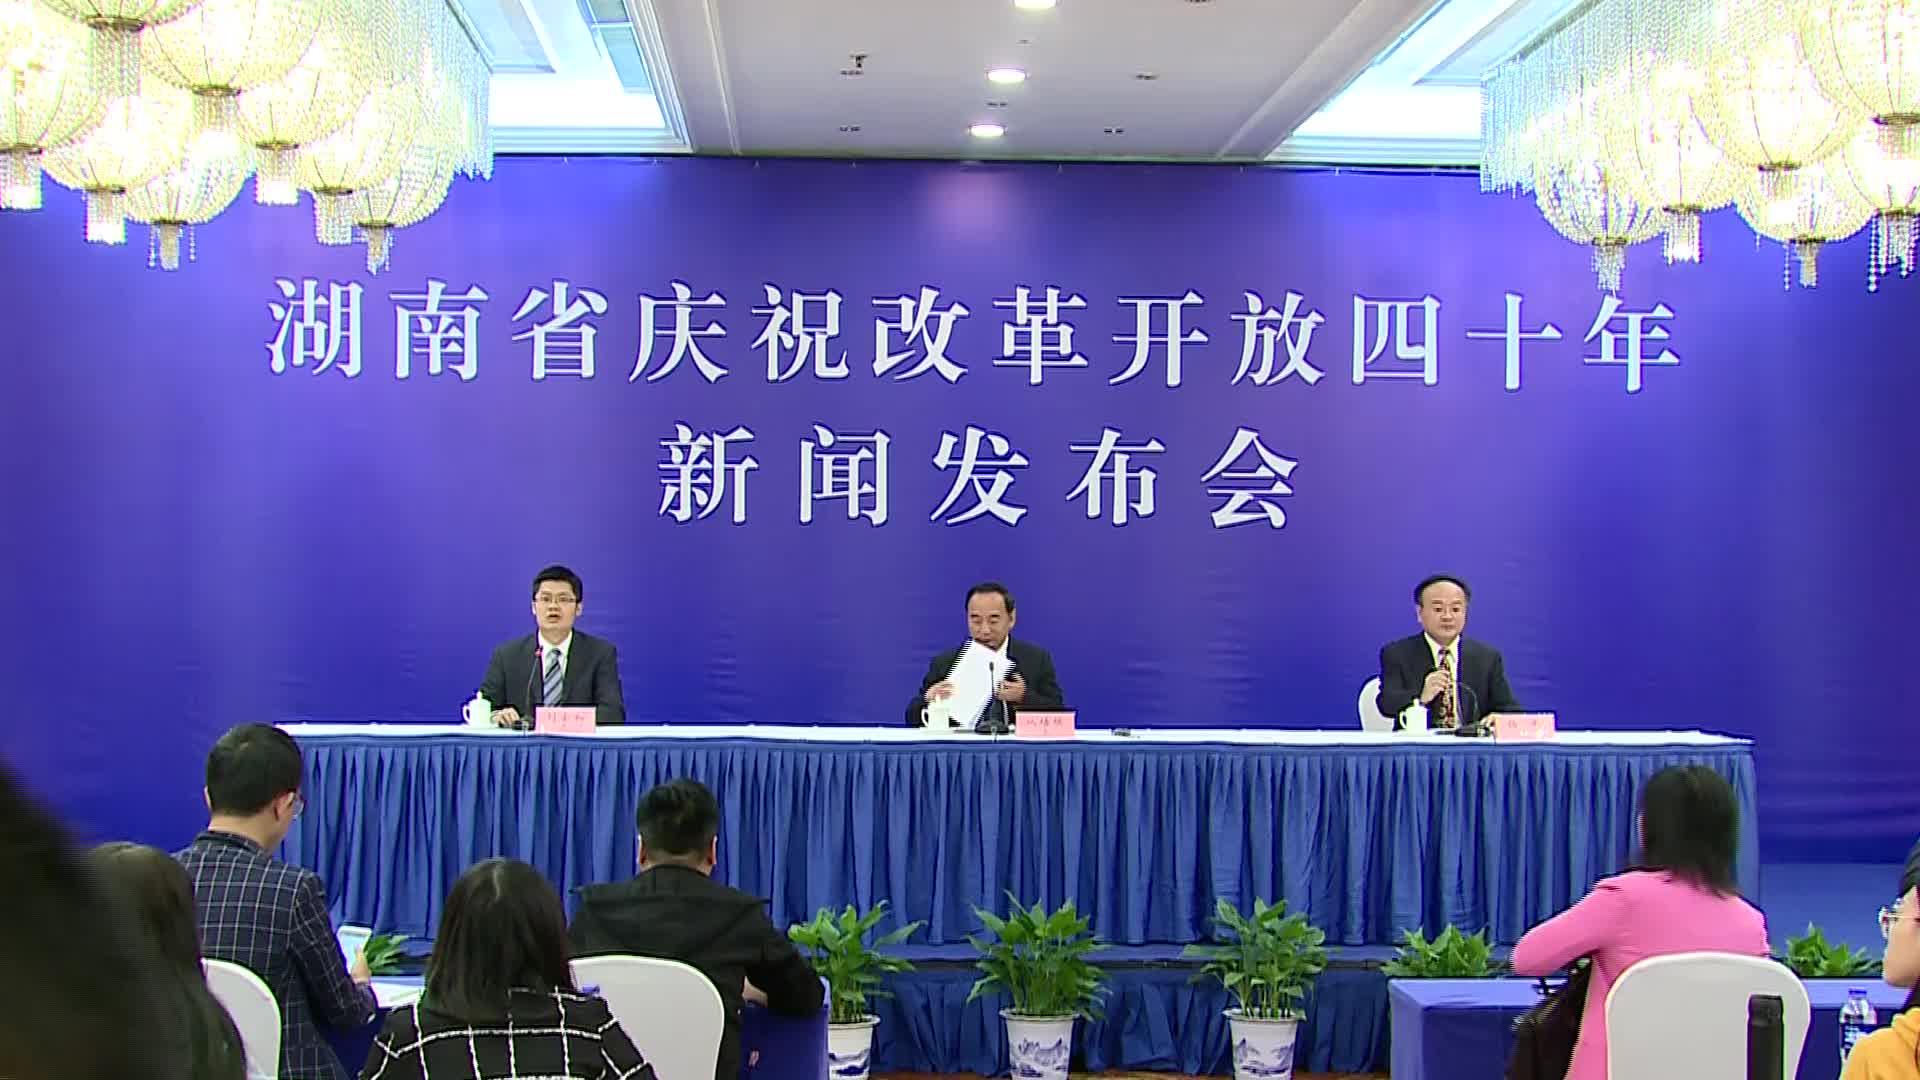 【全程回放】湖南省庆祝改革开放四十年系列新闻发布会:全省国资国企改革发展成就